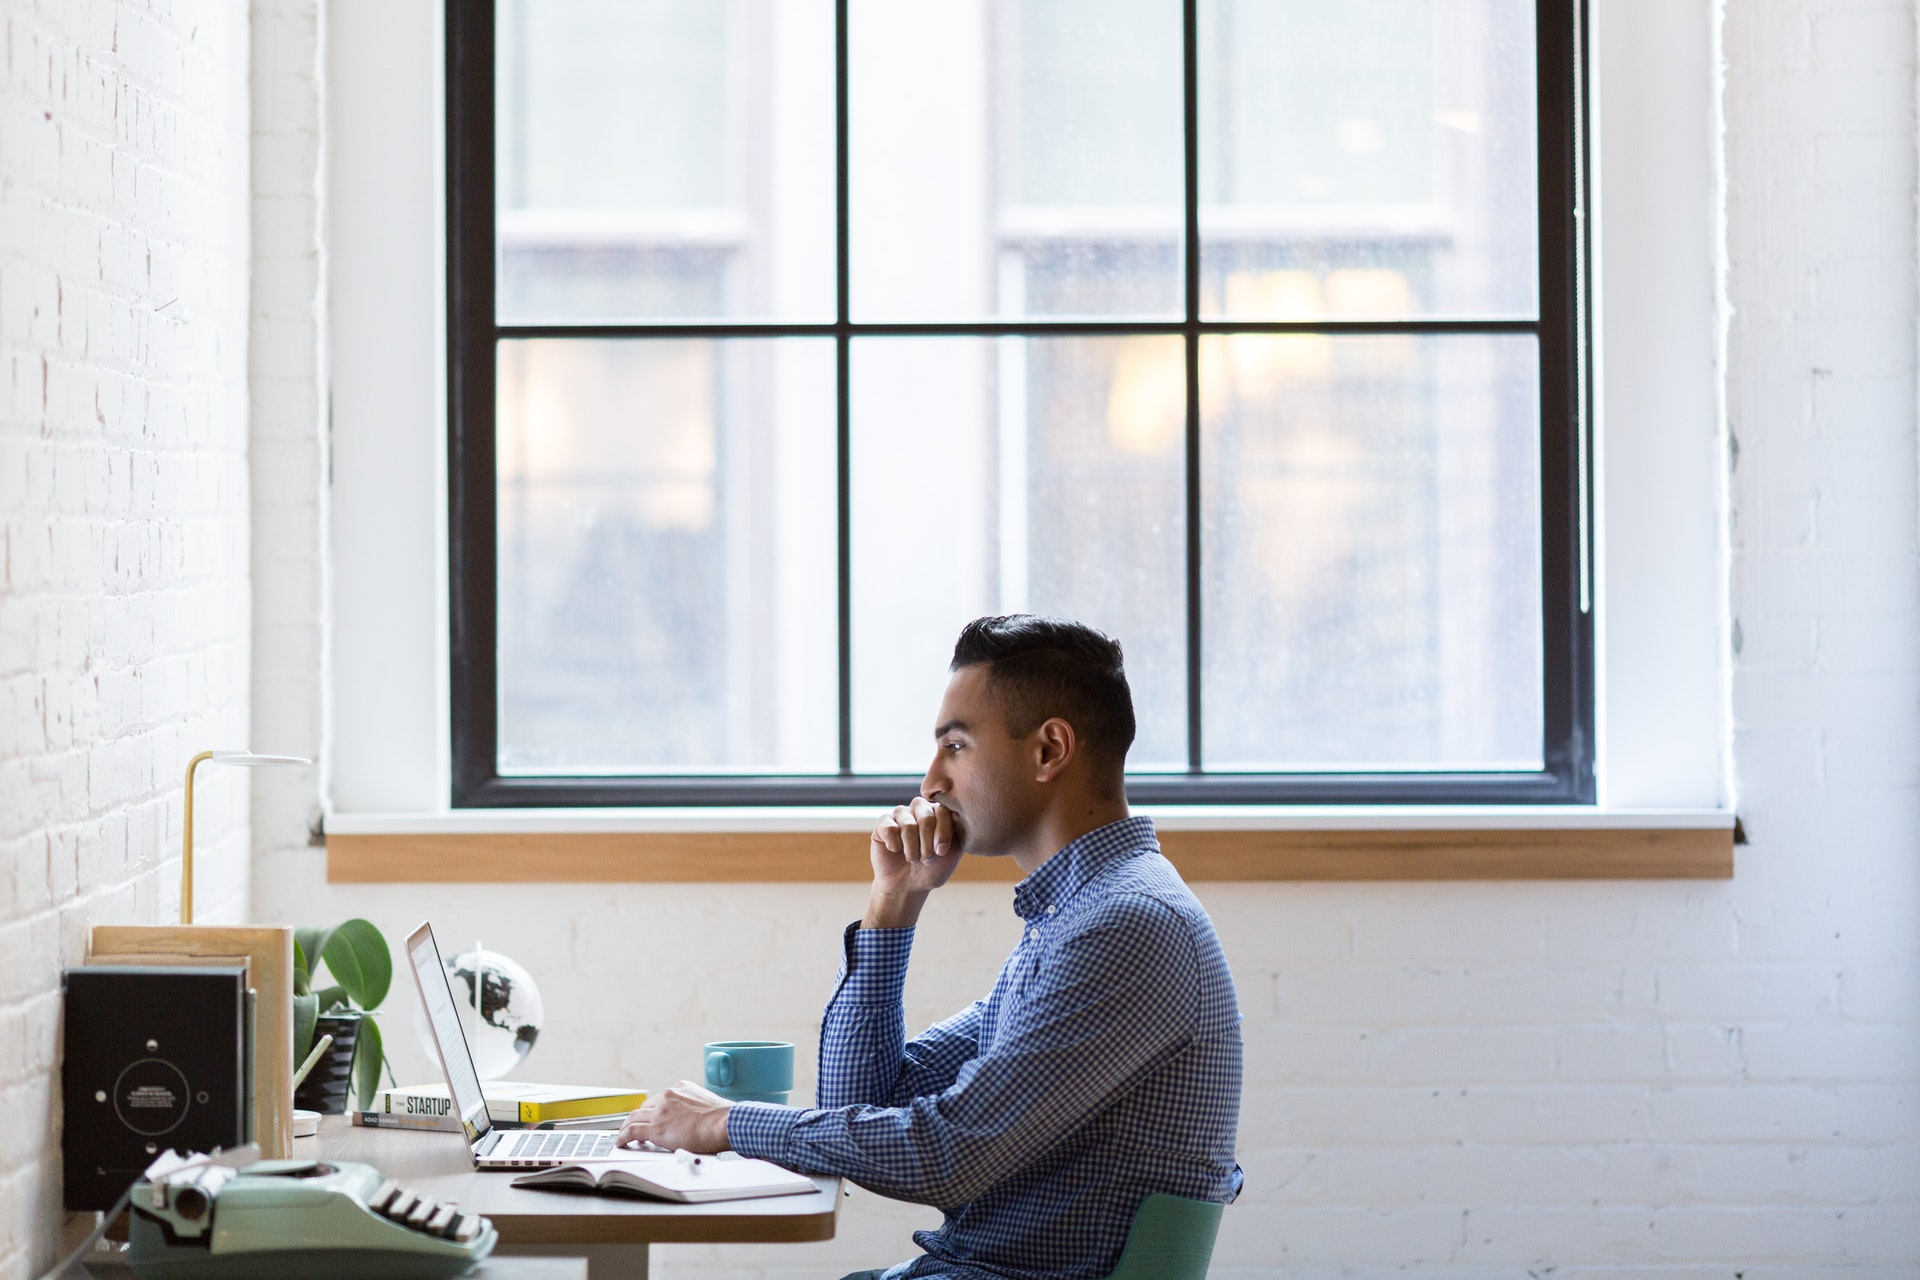 Imagem de um homem em casa trabalhando no computador na sala com uma grande janela ao fundo. Imagem ilustrativa texto negócios home office.